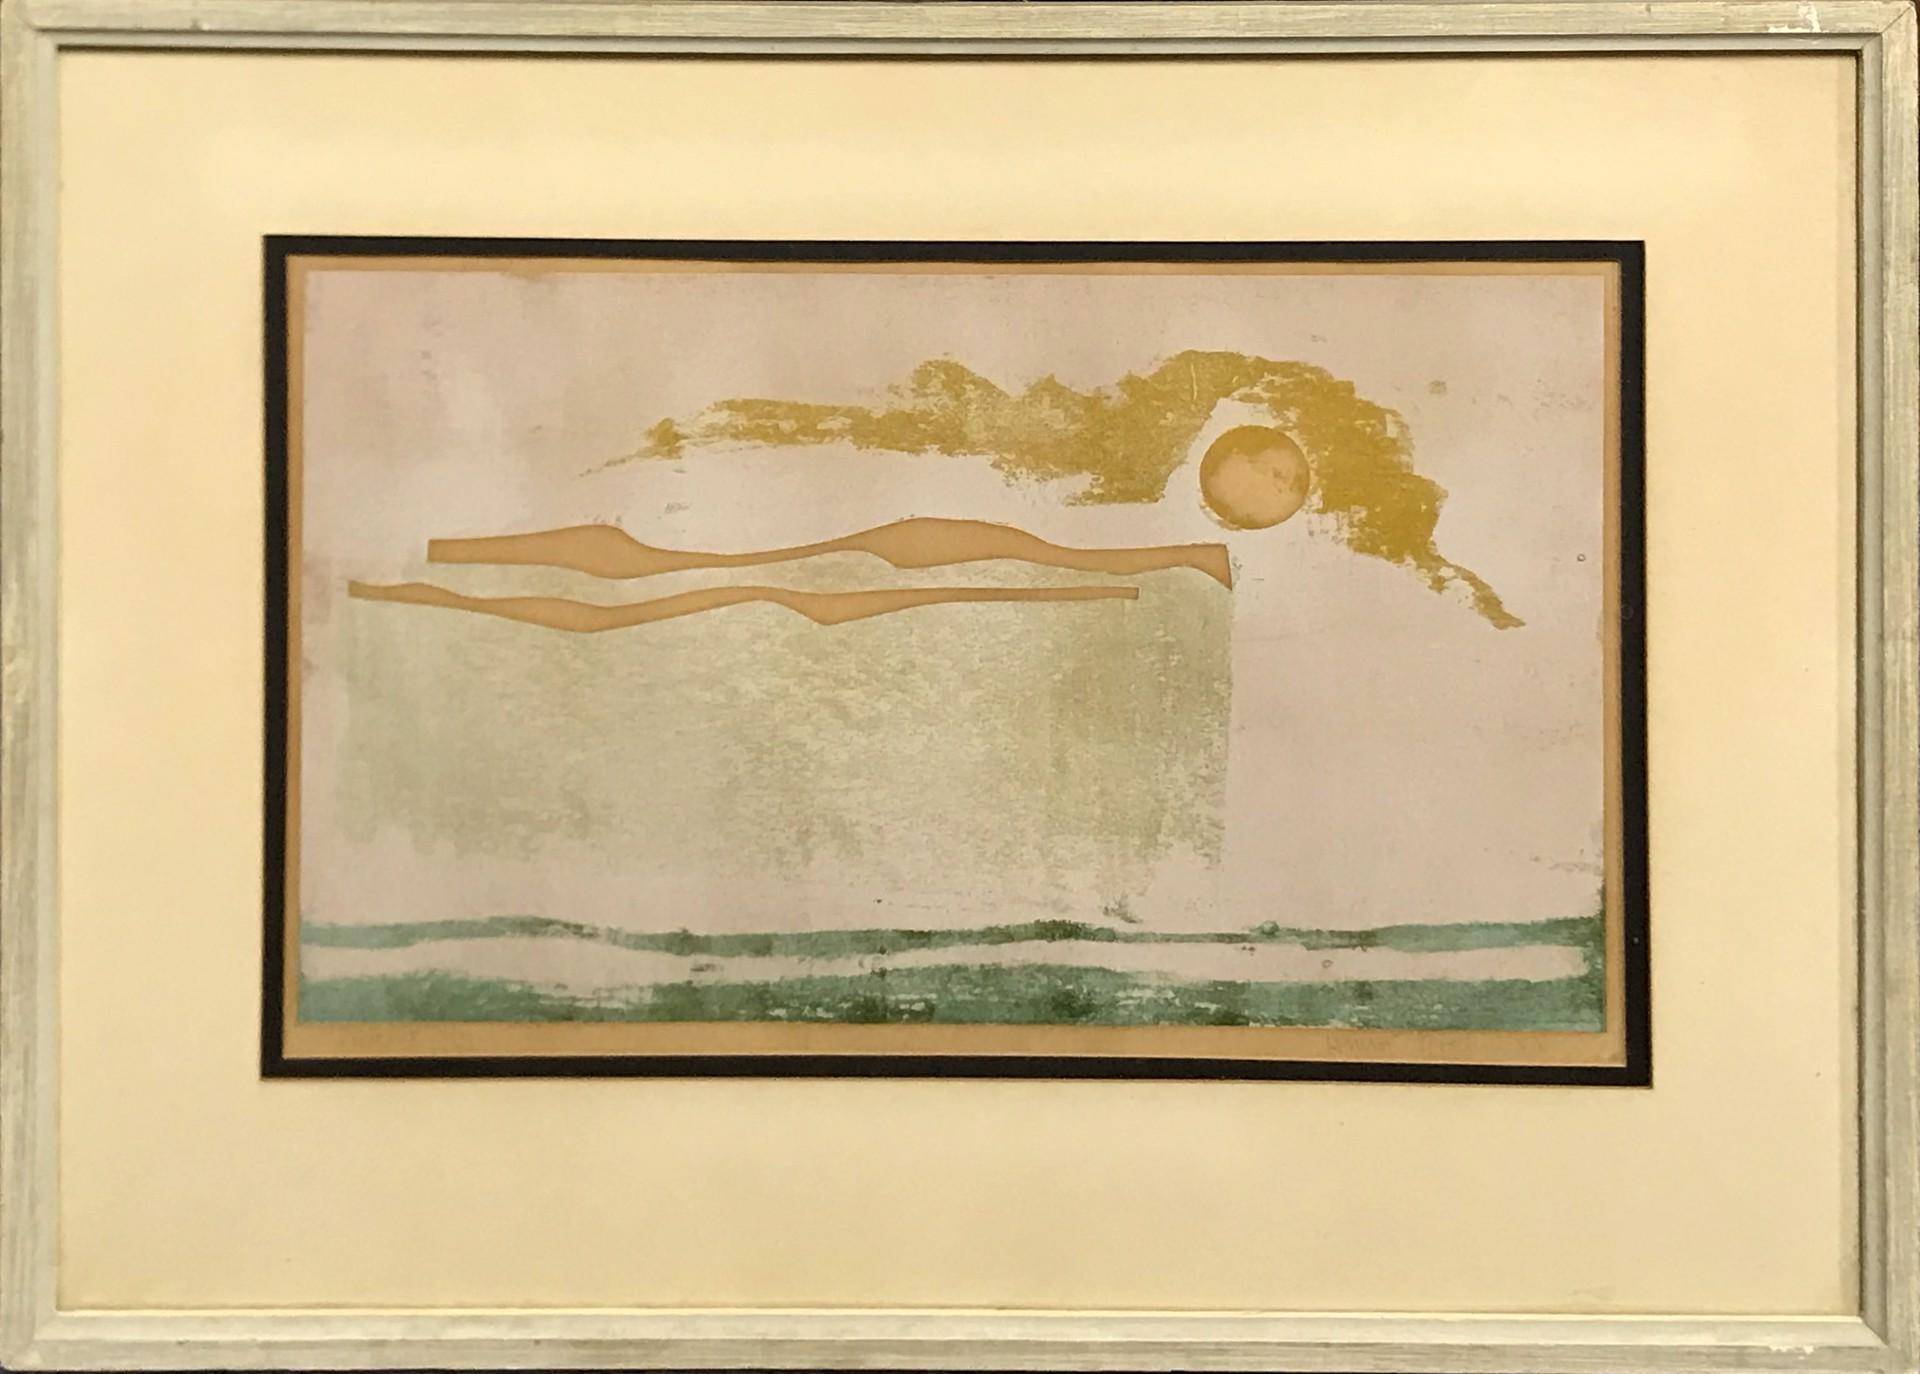 Whiteout by Henri Gadbois